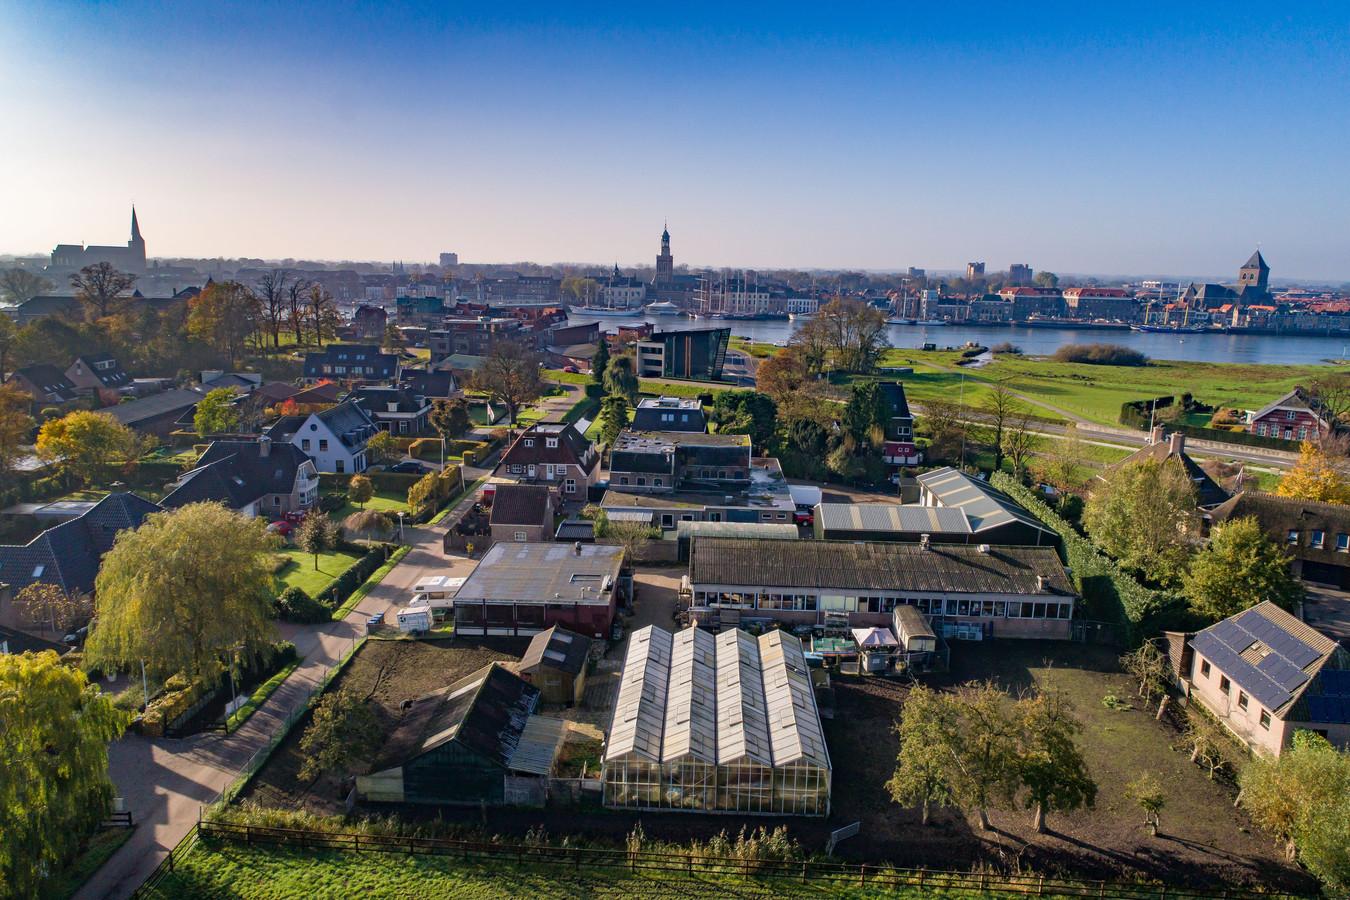 De plek aan de Blekerijweg in IJsselmuiden waar de wasserij stond. Hier is de bodemvervuiling ontstaan.